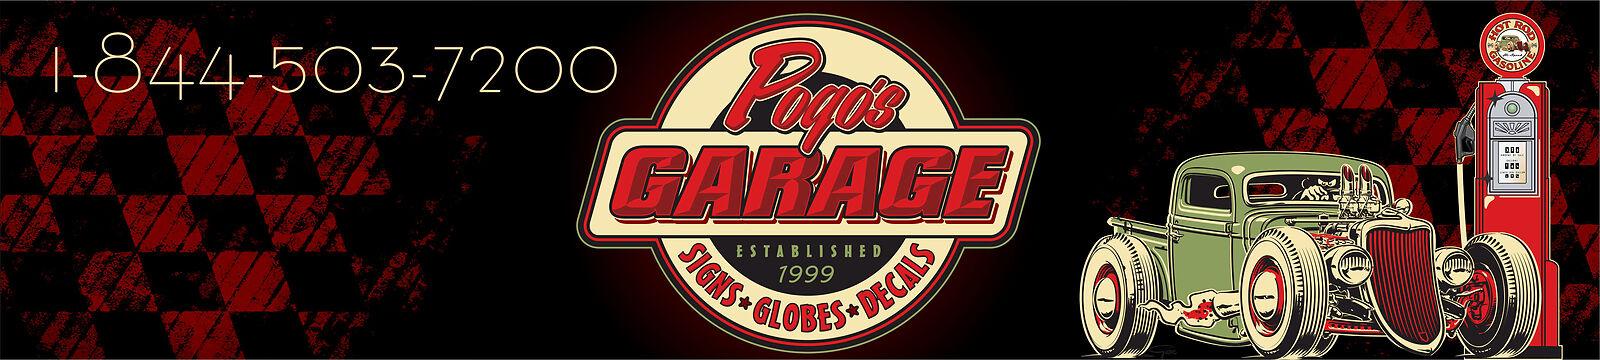 Pogo s Garage